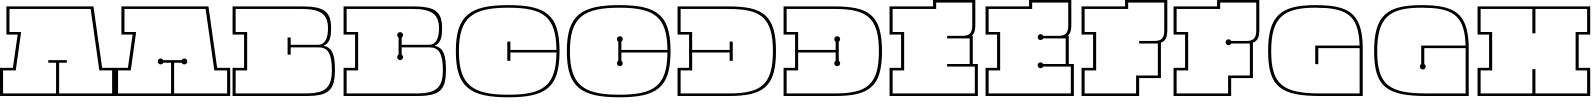 Quadratish Serif